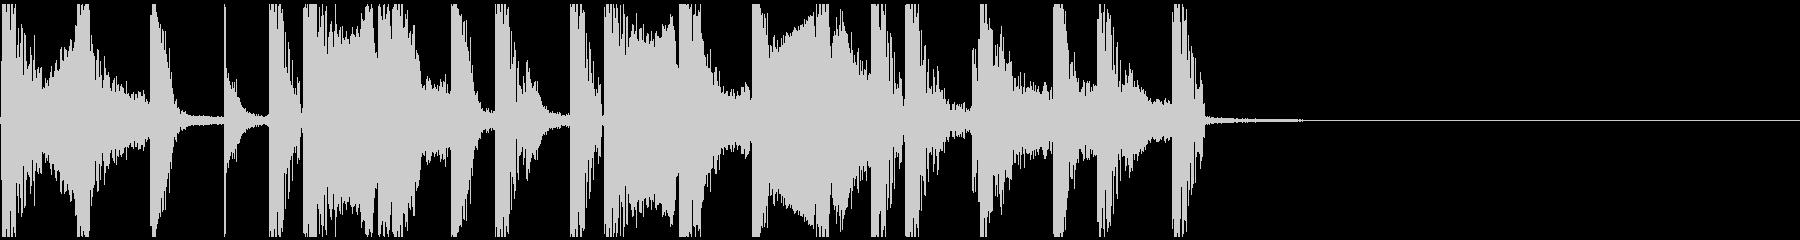 フルートを用いたファンファーレの未再生の波形